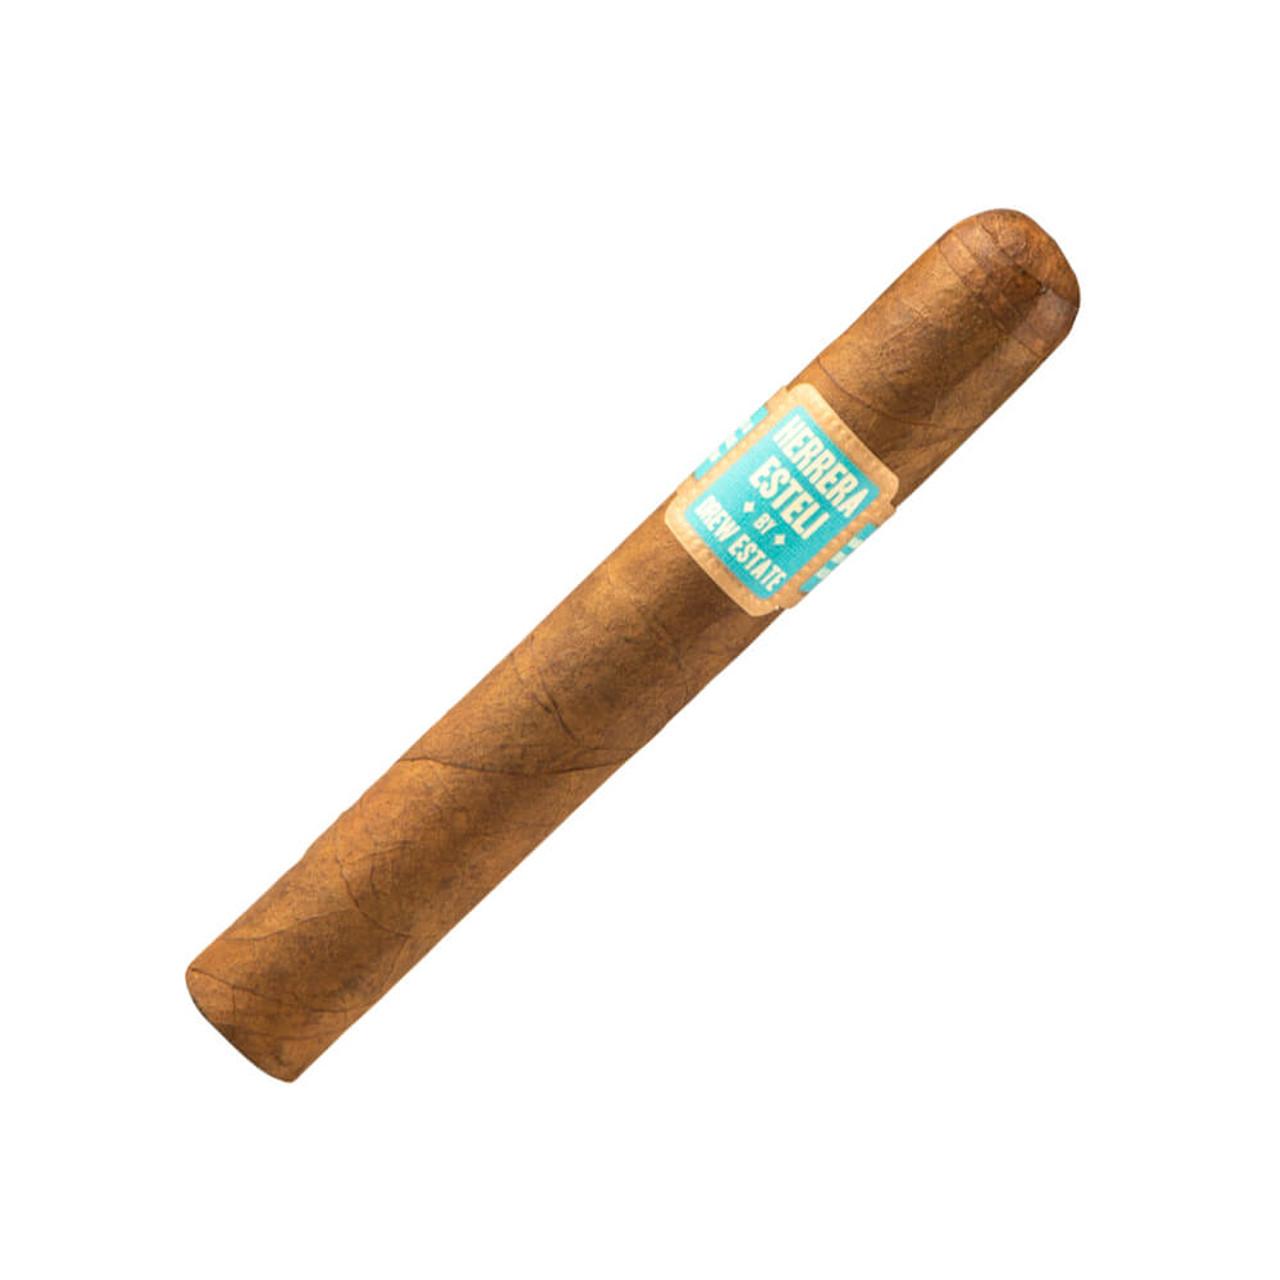 Herrera Esteli Brazilian Maduro Short Corona Gorda Cigars - 5.88 x 46 (Box of 25)